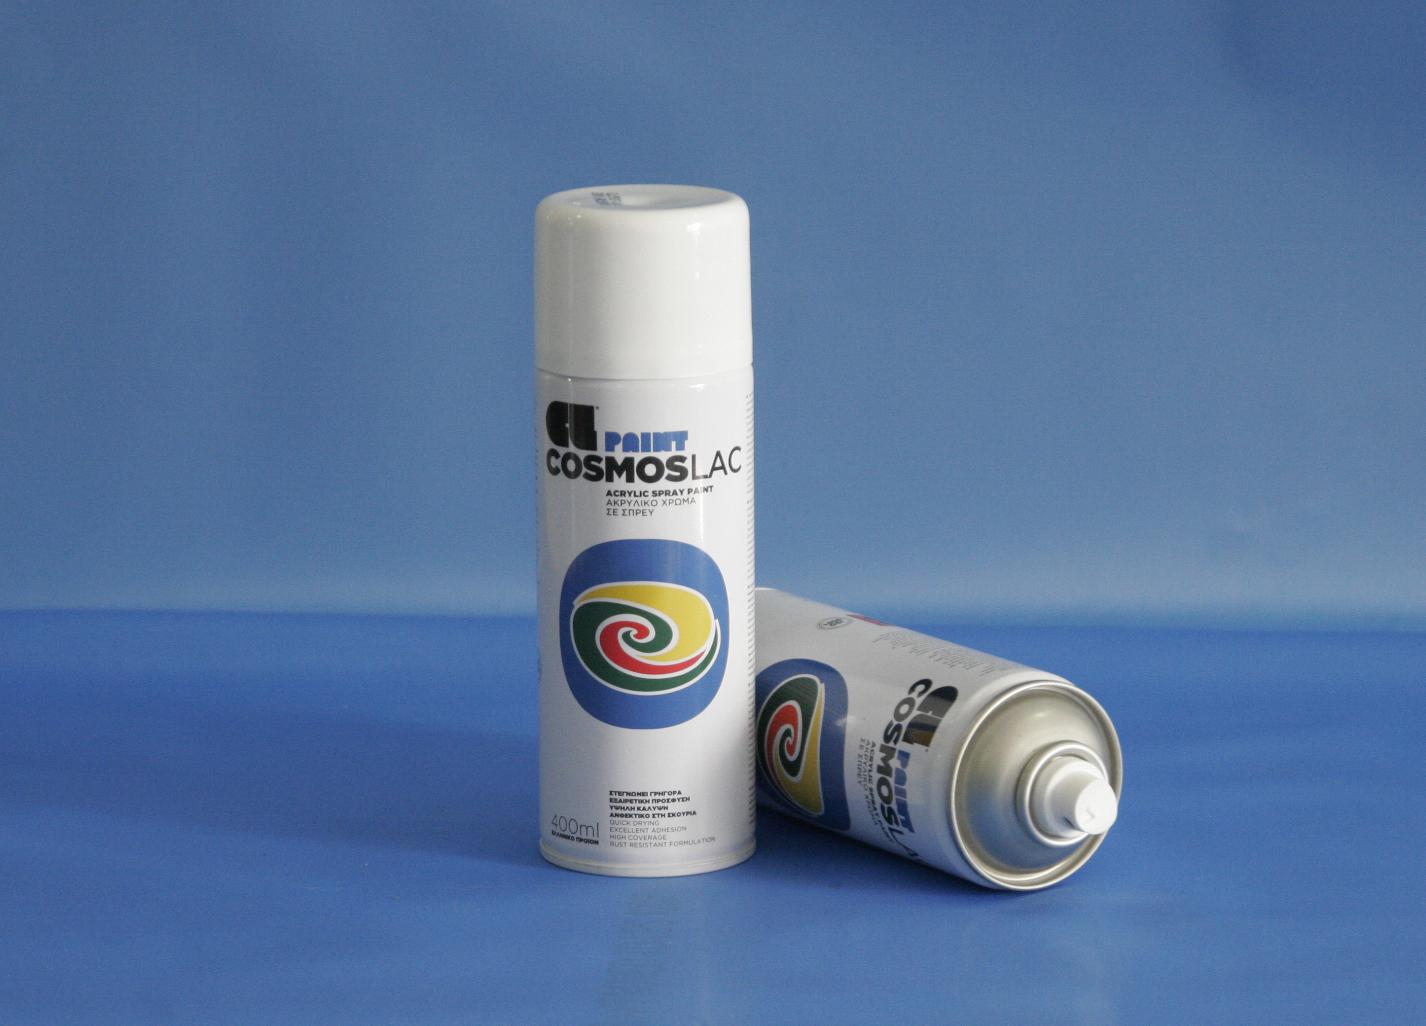 Cosmos-Lac N300 400ml Gloss White (Spray Can)